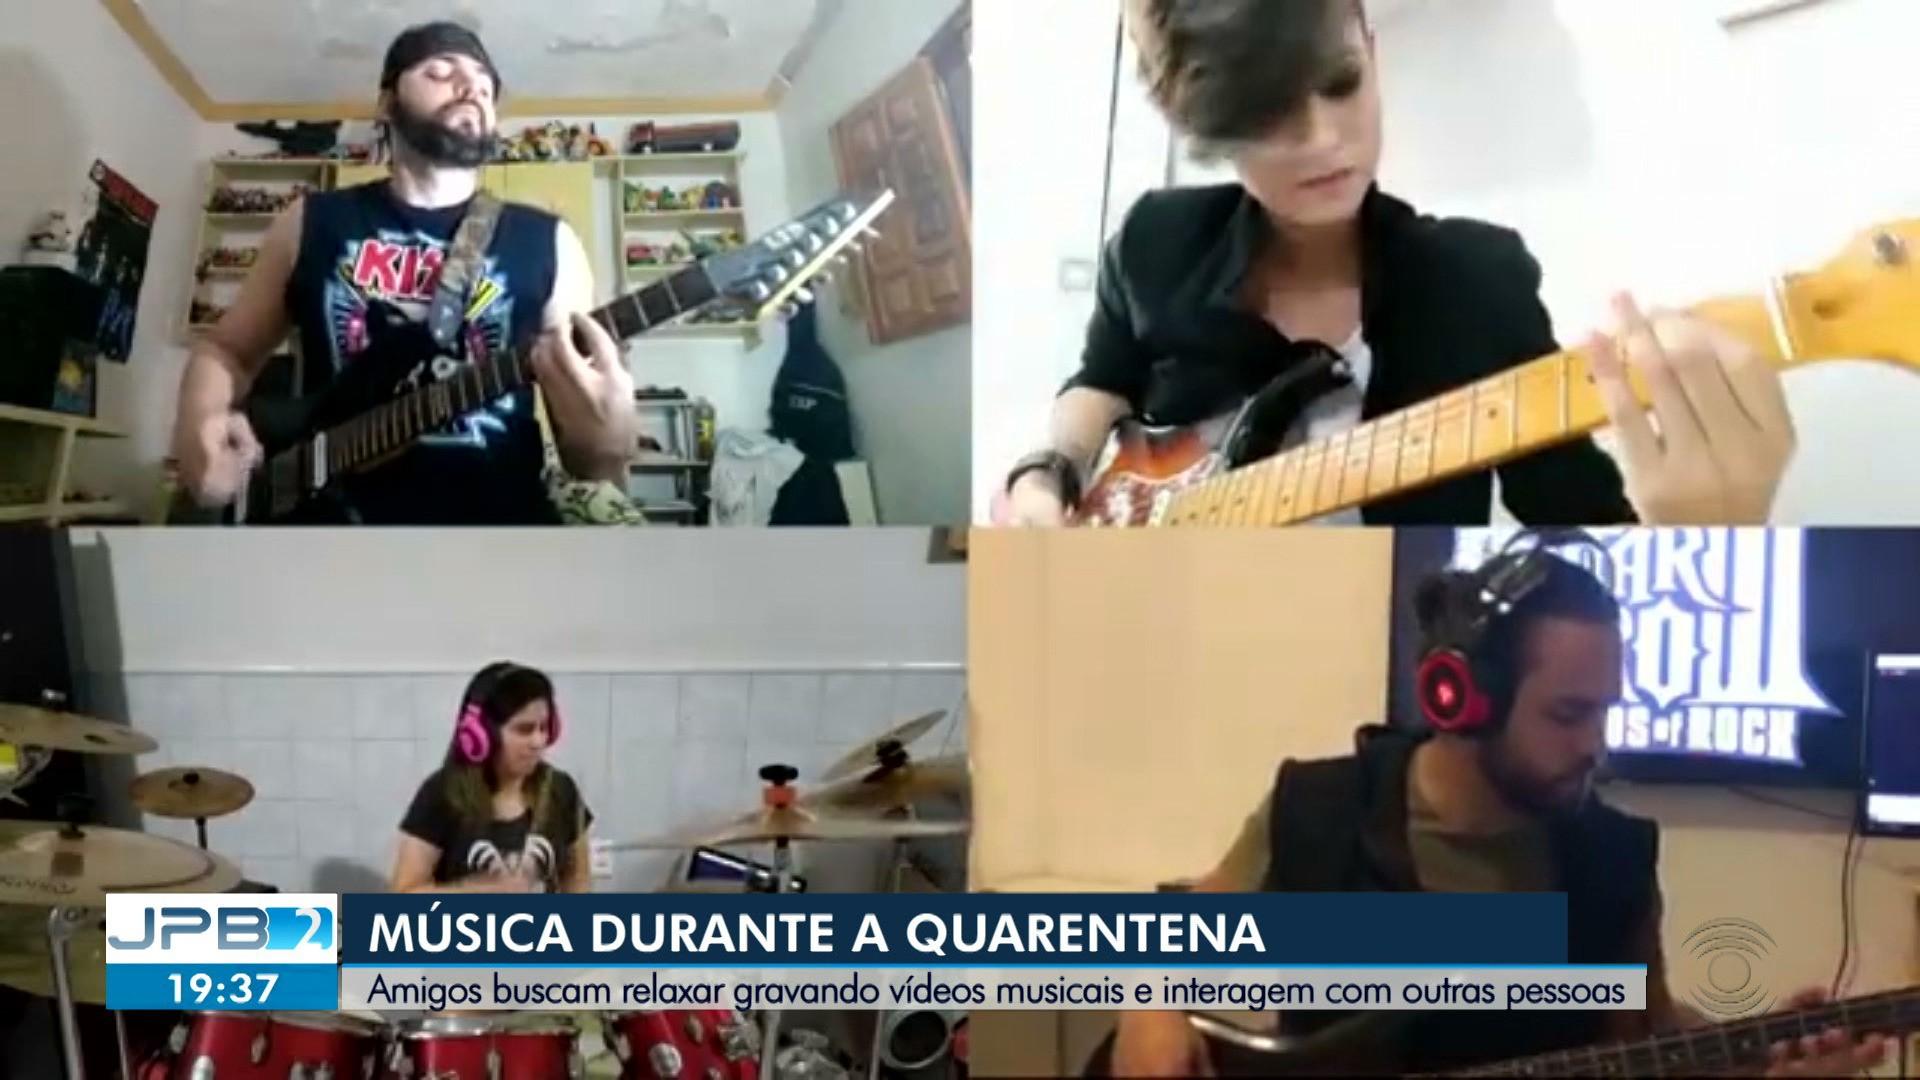 VÍDEOS: JPB2 (TV Paraíba) desta segunda-feira, 25 de maio